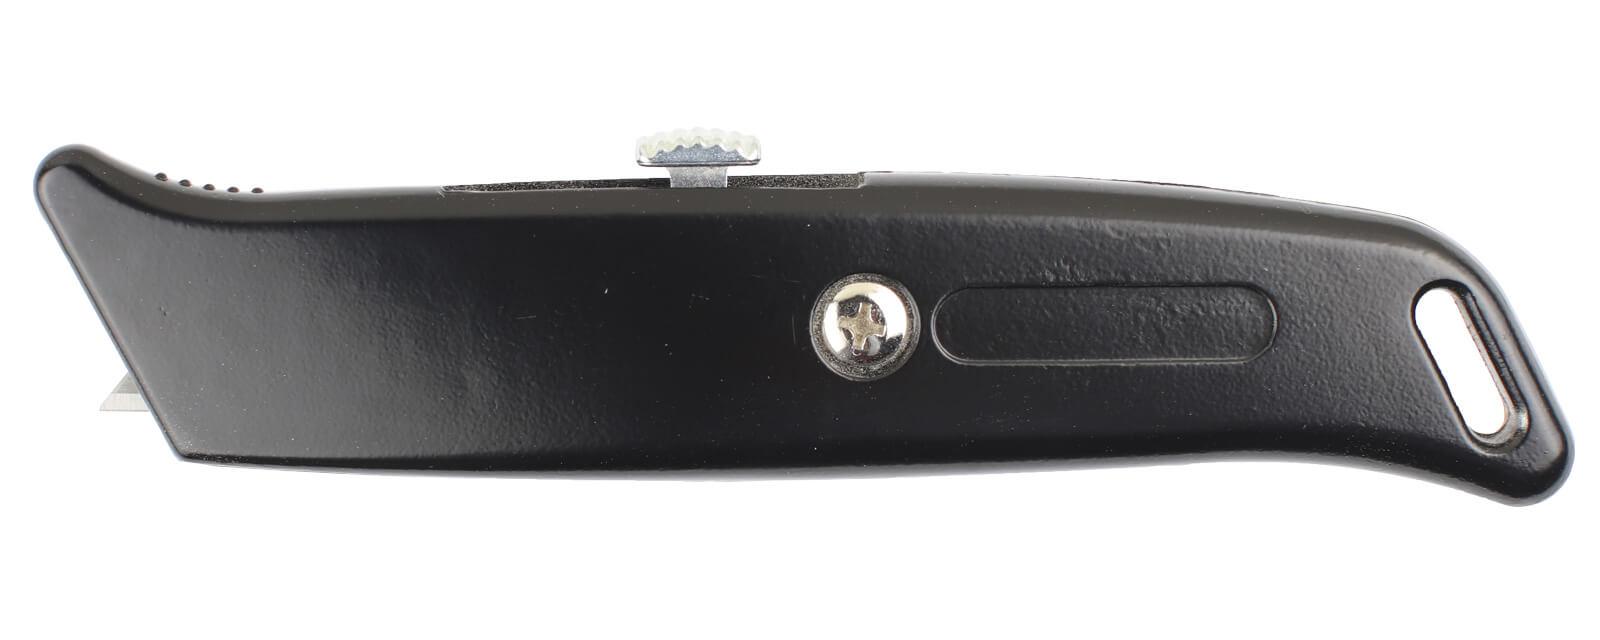 U017-Teppichmesser-manueller-Klingenrückzug-mit-Trapezklinge-schwarz-Klingenlänge-1-CURT-tools_1600